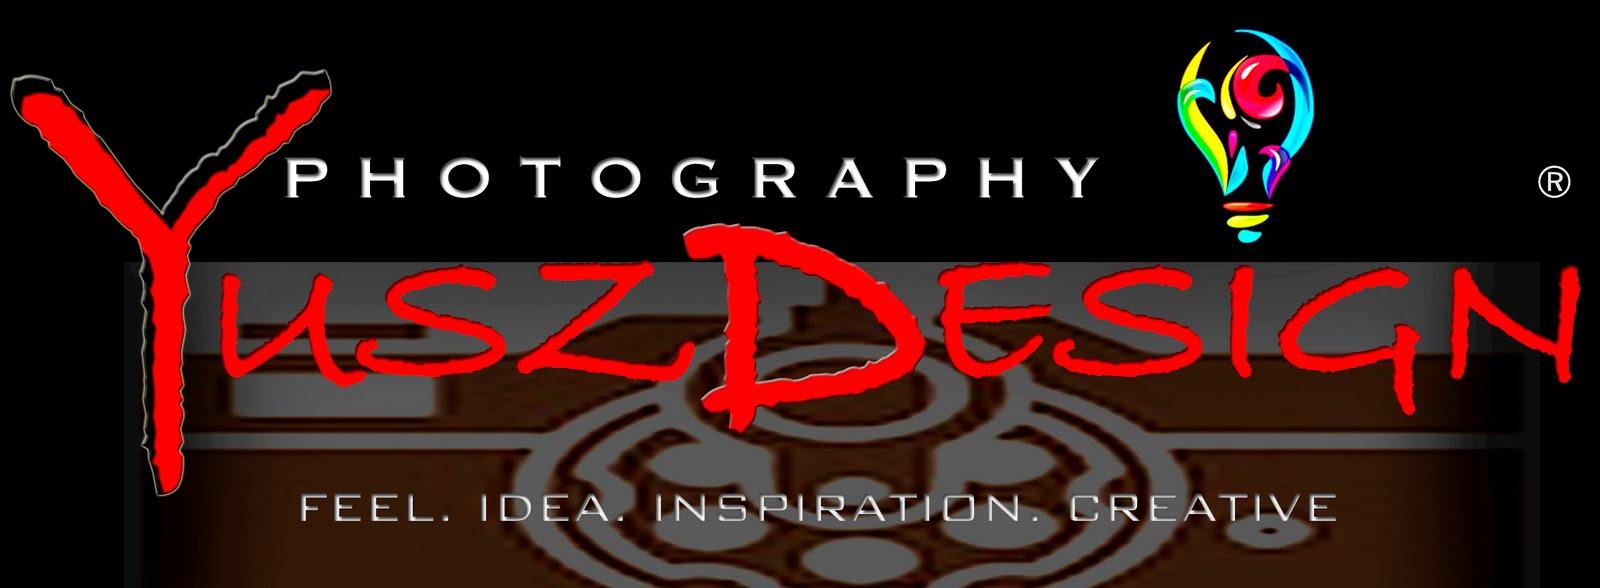 YUSZ DESIGN PHOTOGRAPHYhttp://4.bp.blogspot.com/-y5sU0-pCv9w/TsgCEqnnHrI/AAAAAAAAAlg/sj9-CyiWLEQ/s1